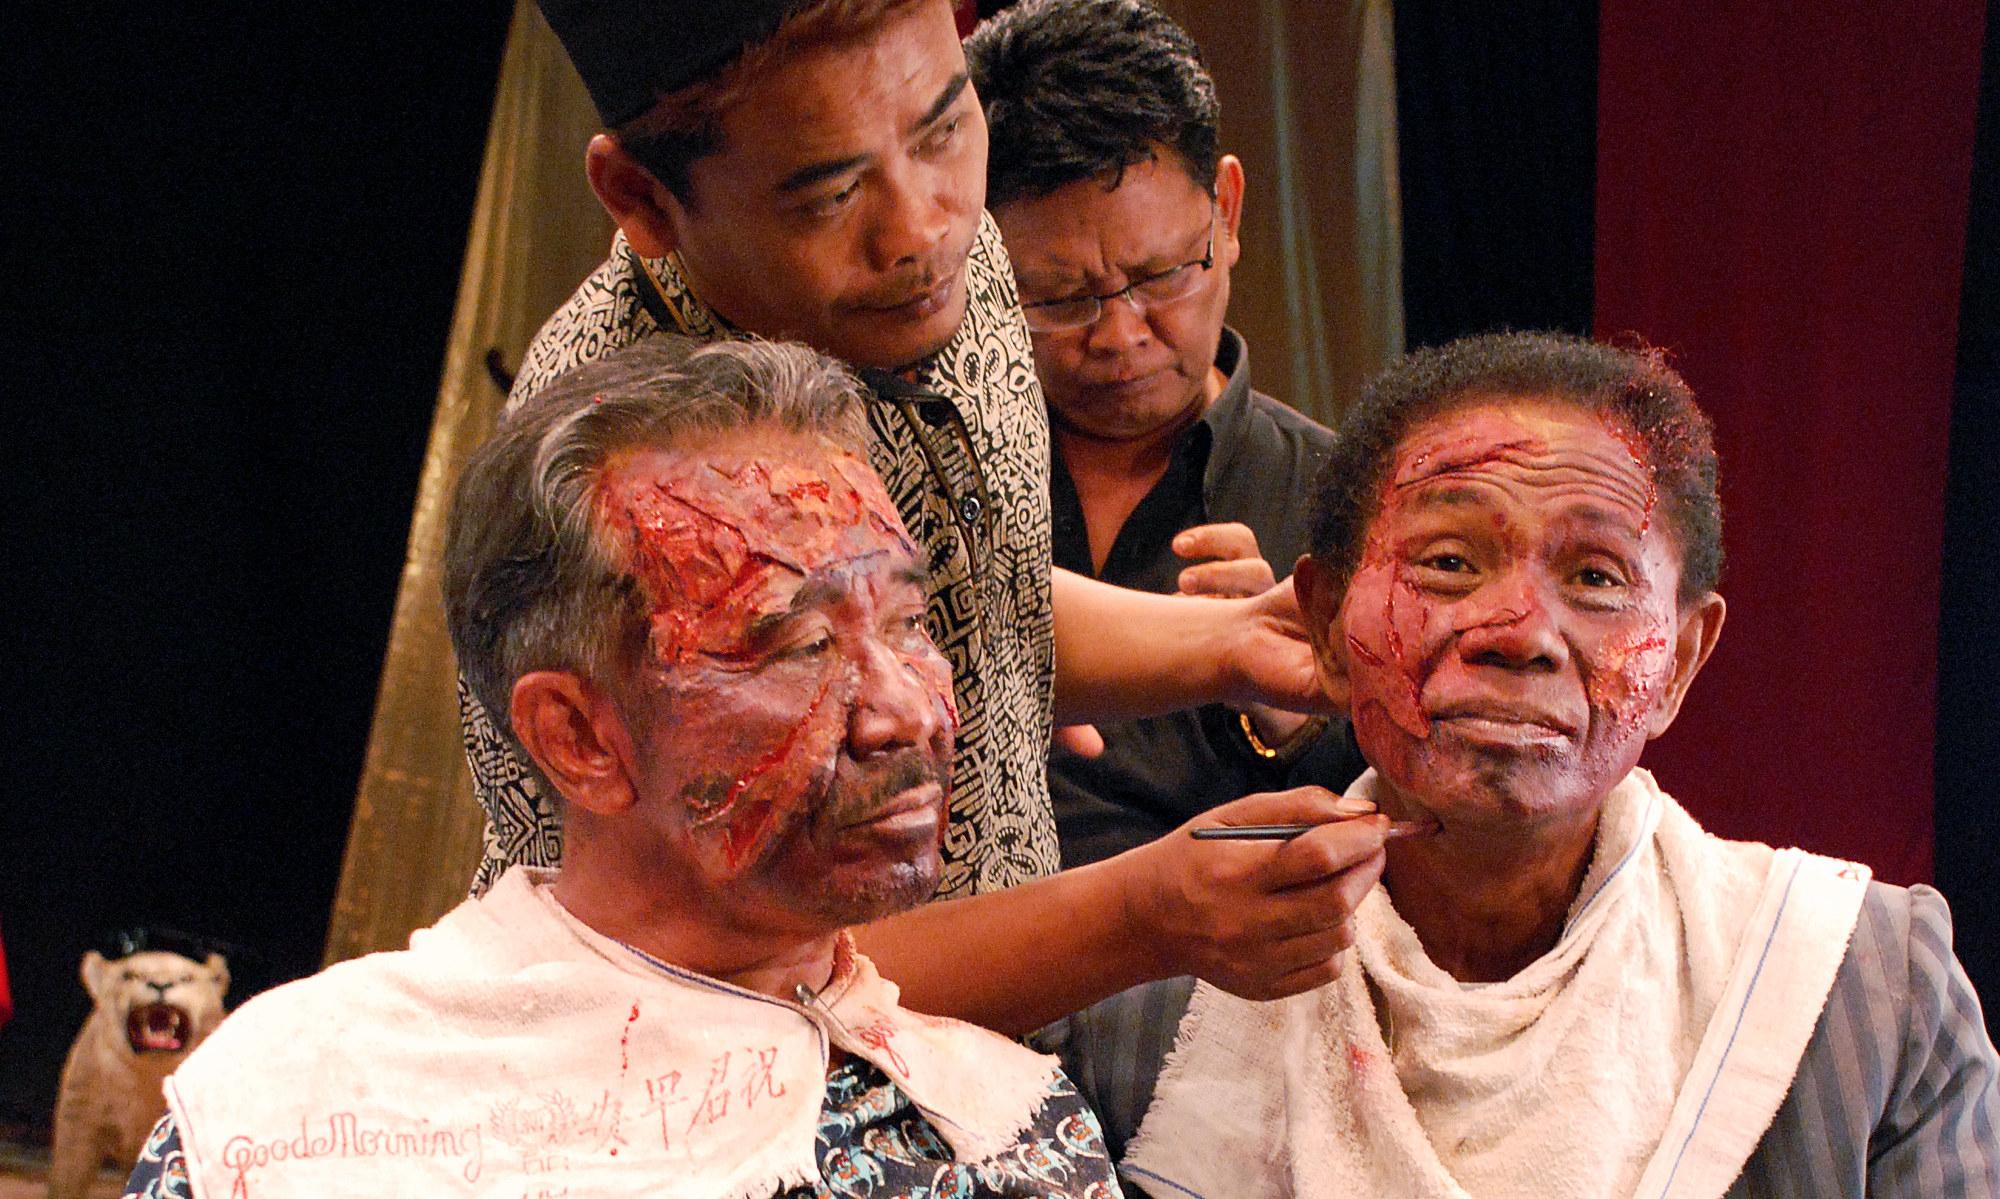 Rekonstruksjonene blir stadig mer avanserte. Her  sminkes Anwar (t.h.) for å spille et offer for tortur og mishandling